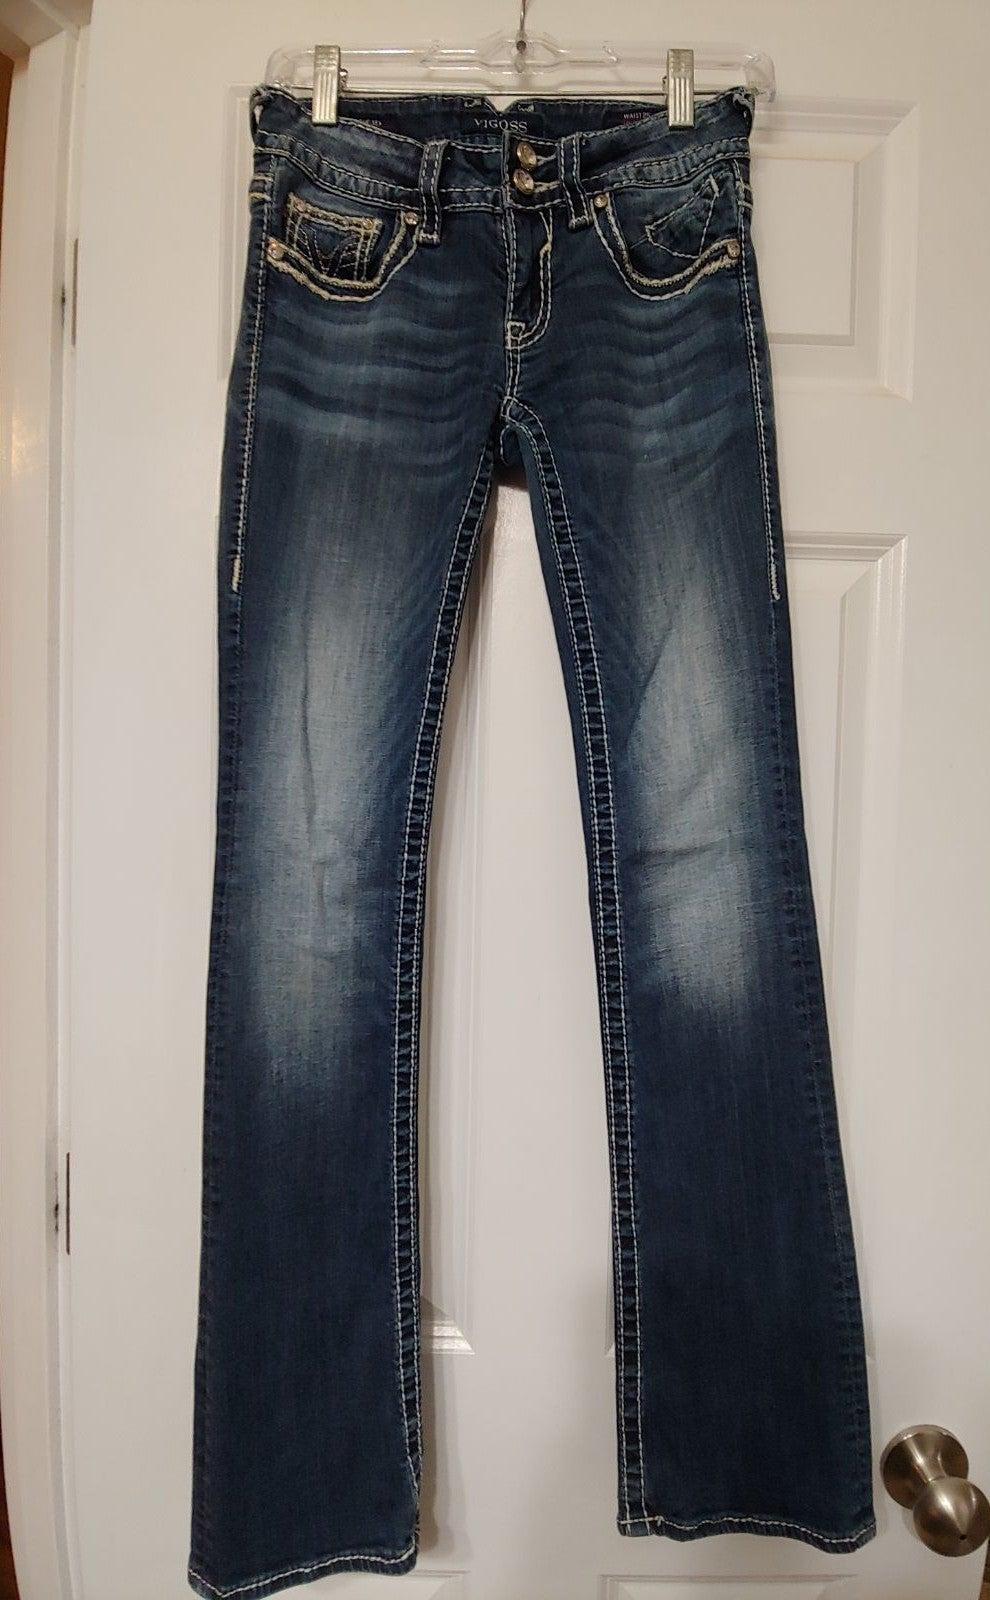 Vigoss jeans size 25